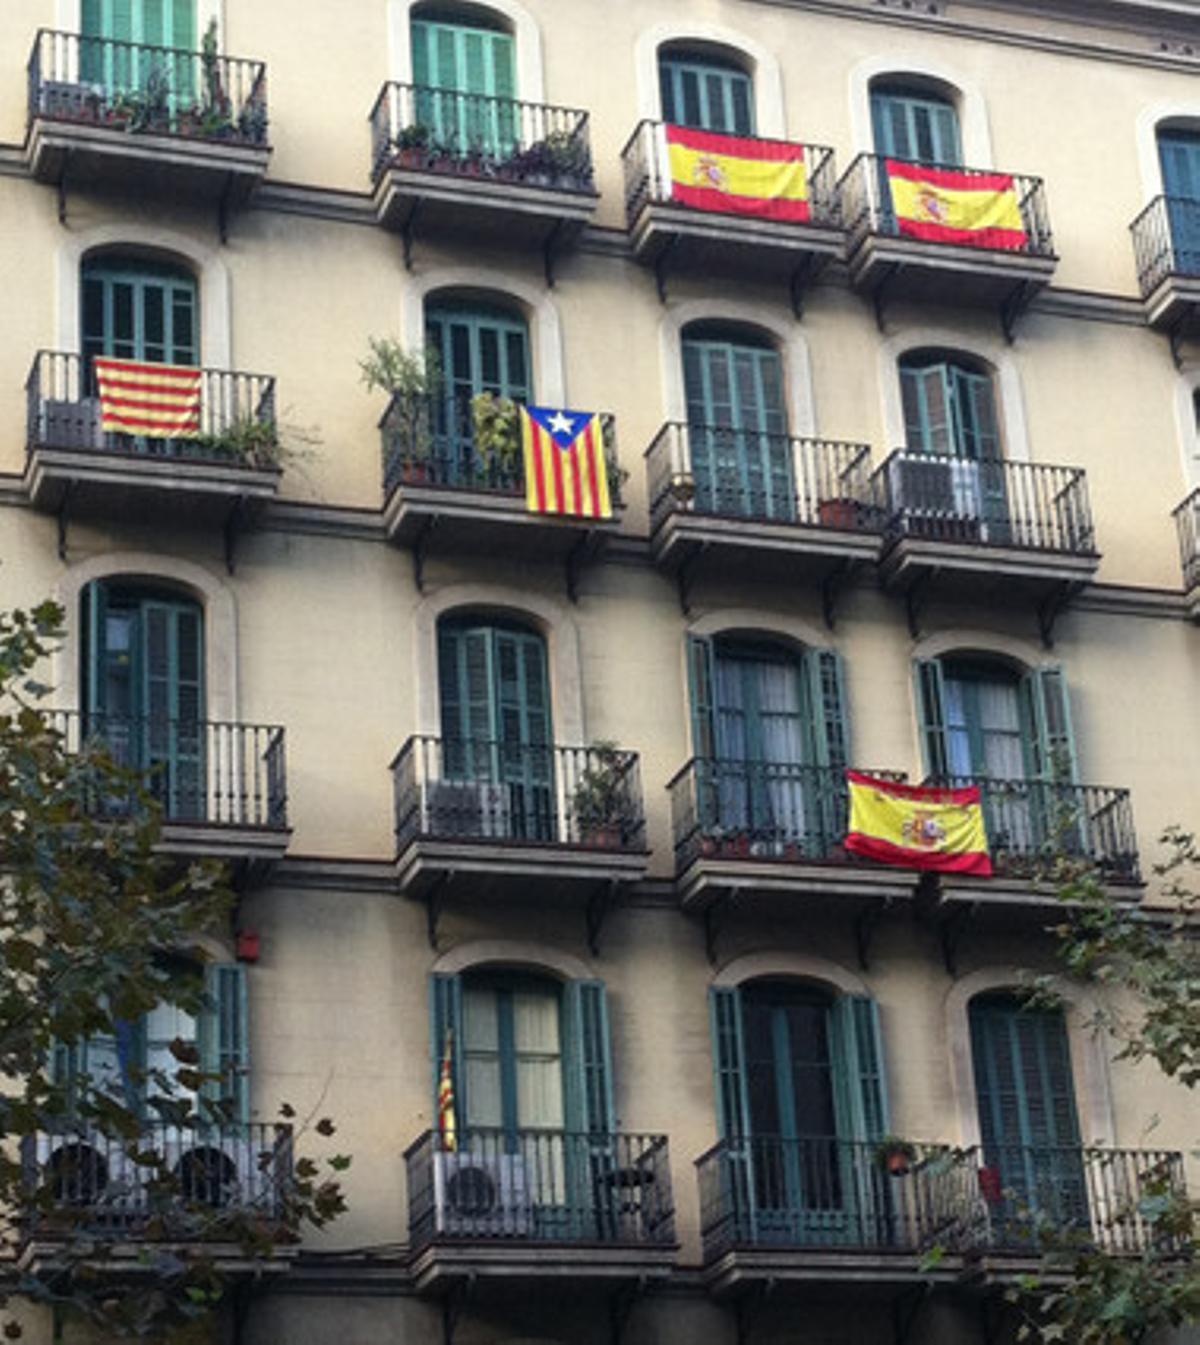 Los balcones de un edificio de la calle de Comte d'Urgell, en Barcelona.